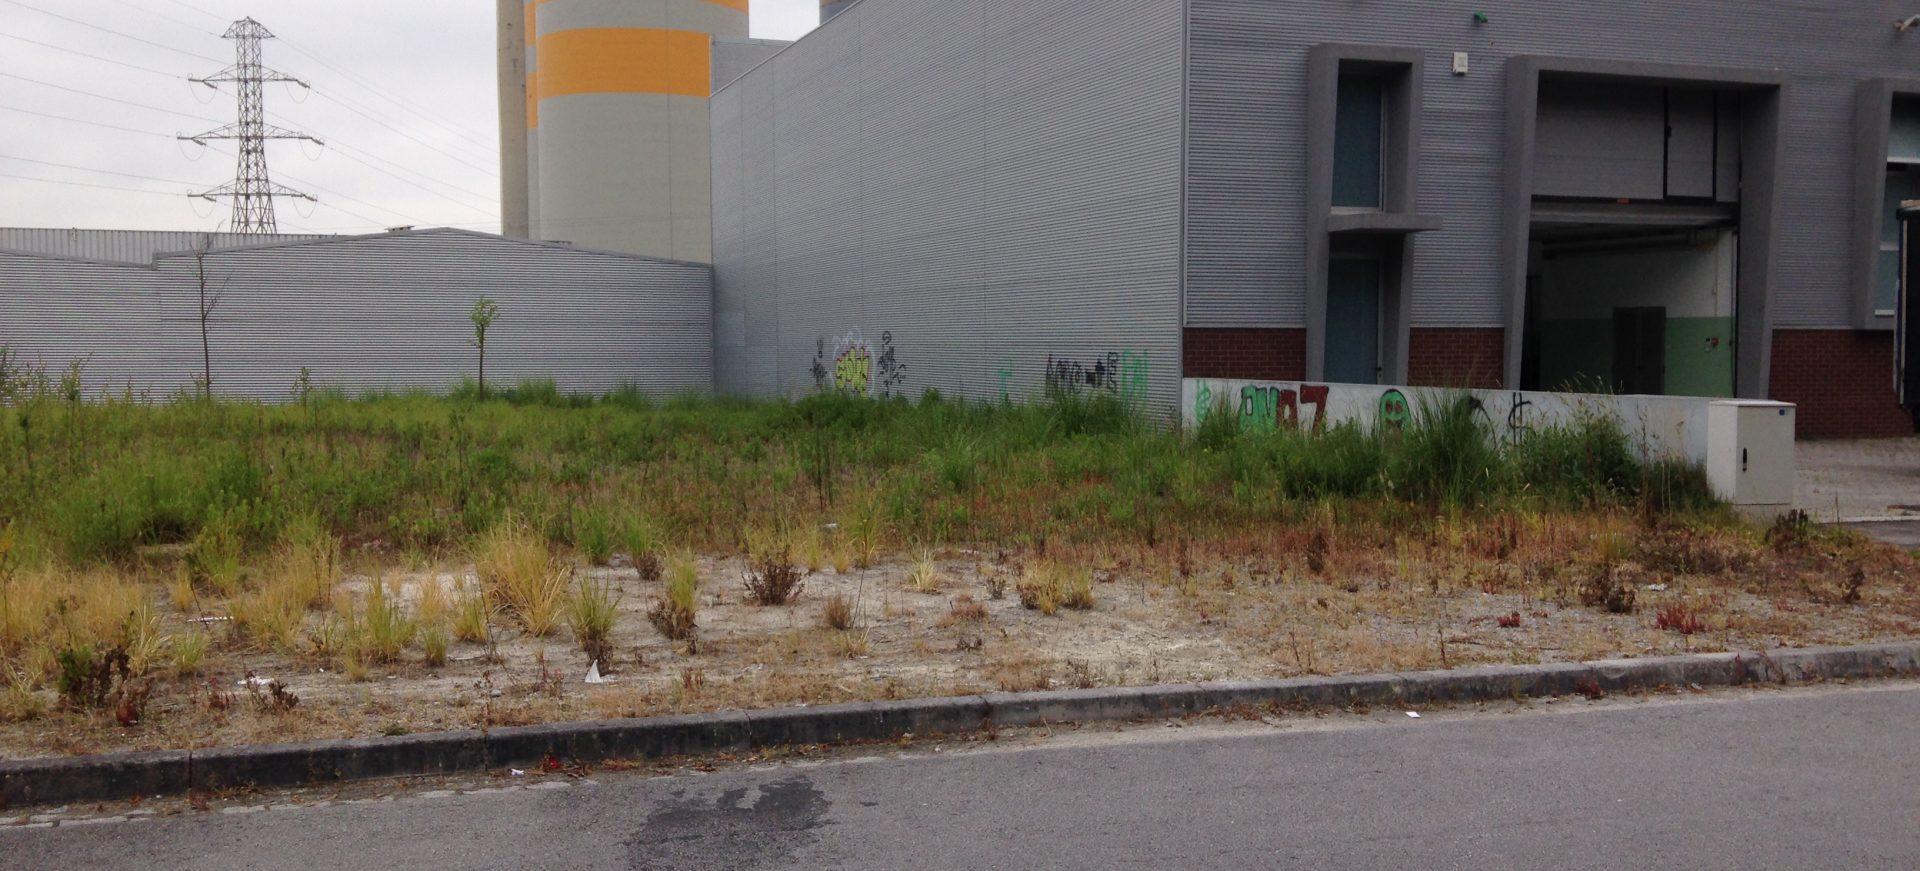 Lotes de terreno para construção de armazéns industriais | S. Pedro de Fins